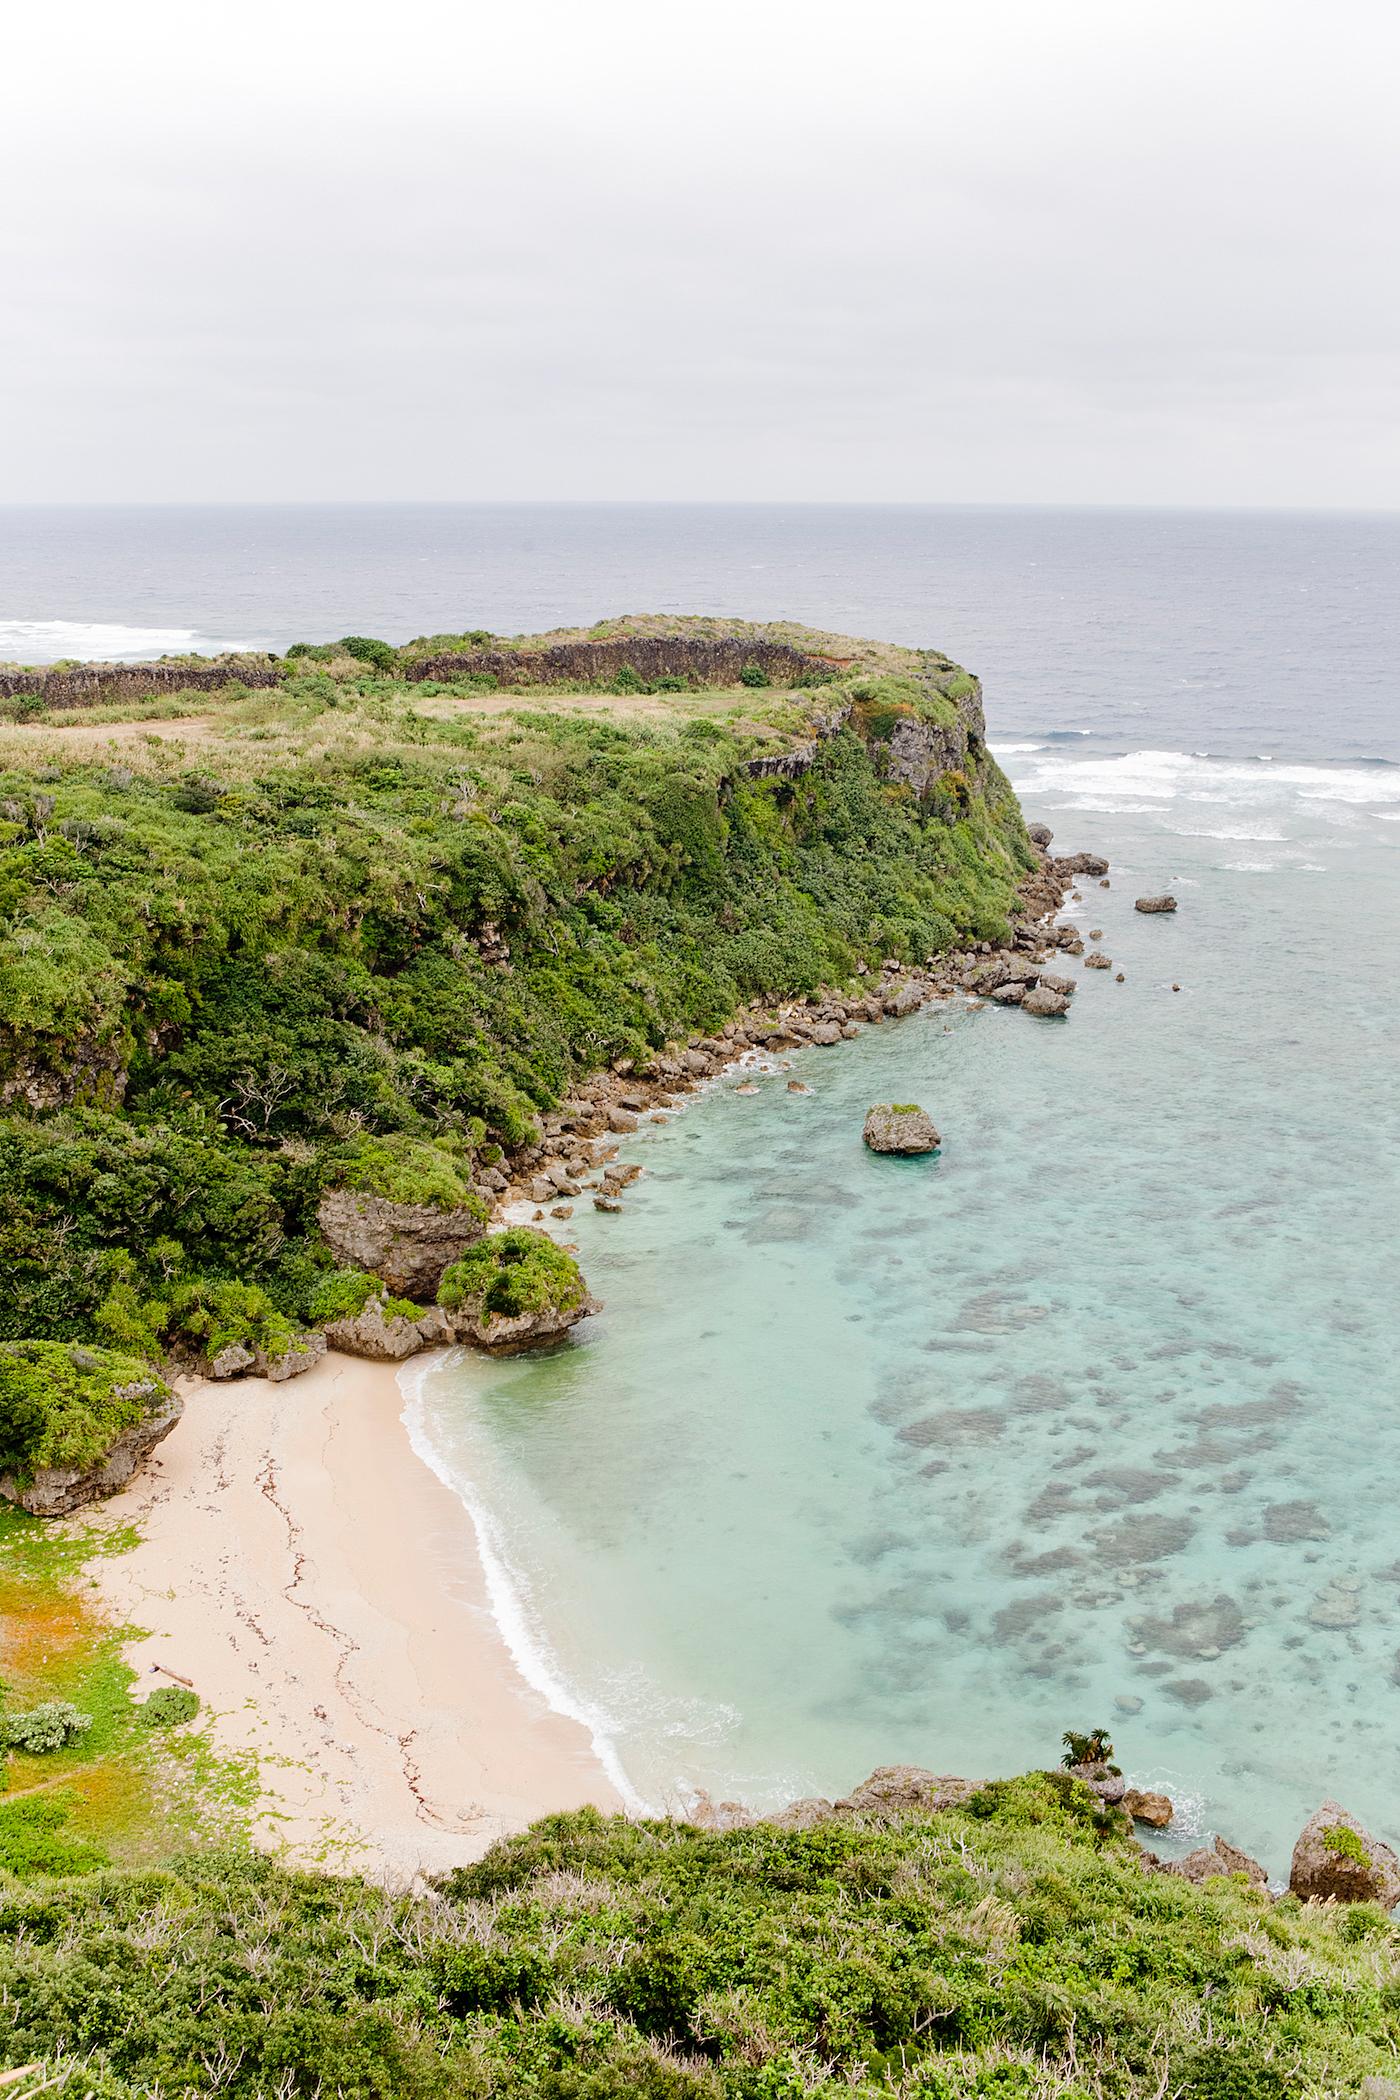 The golden bun - okinawa travel guide - okinawa beach - okinawa klima - japan islands